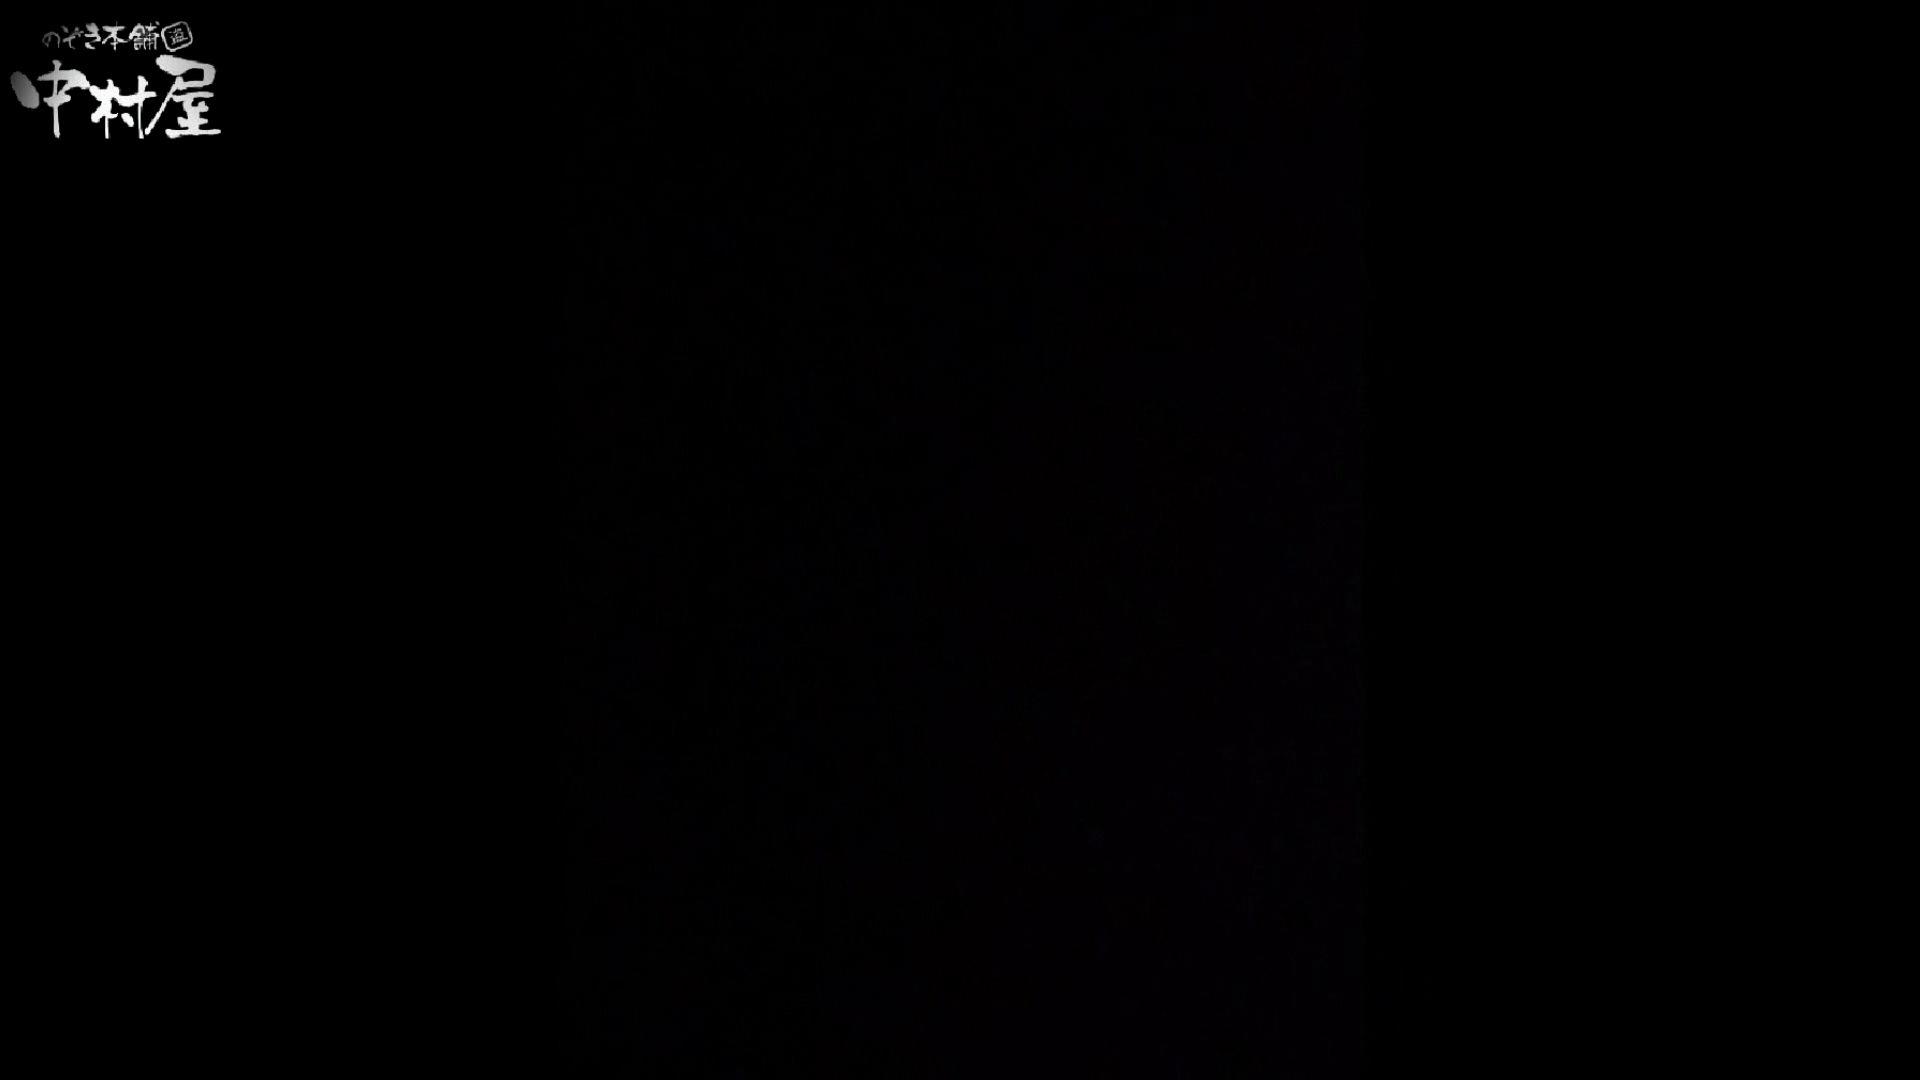 民家風呂専門盗撮師の超危険映像 vol.006 盗撮シリーズ | 民家シリーズ  88PIX 21